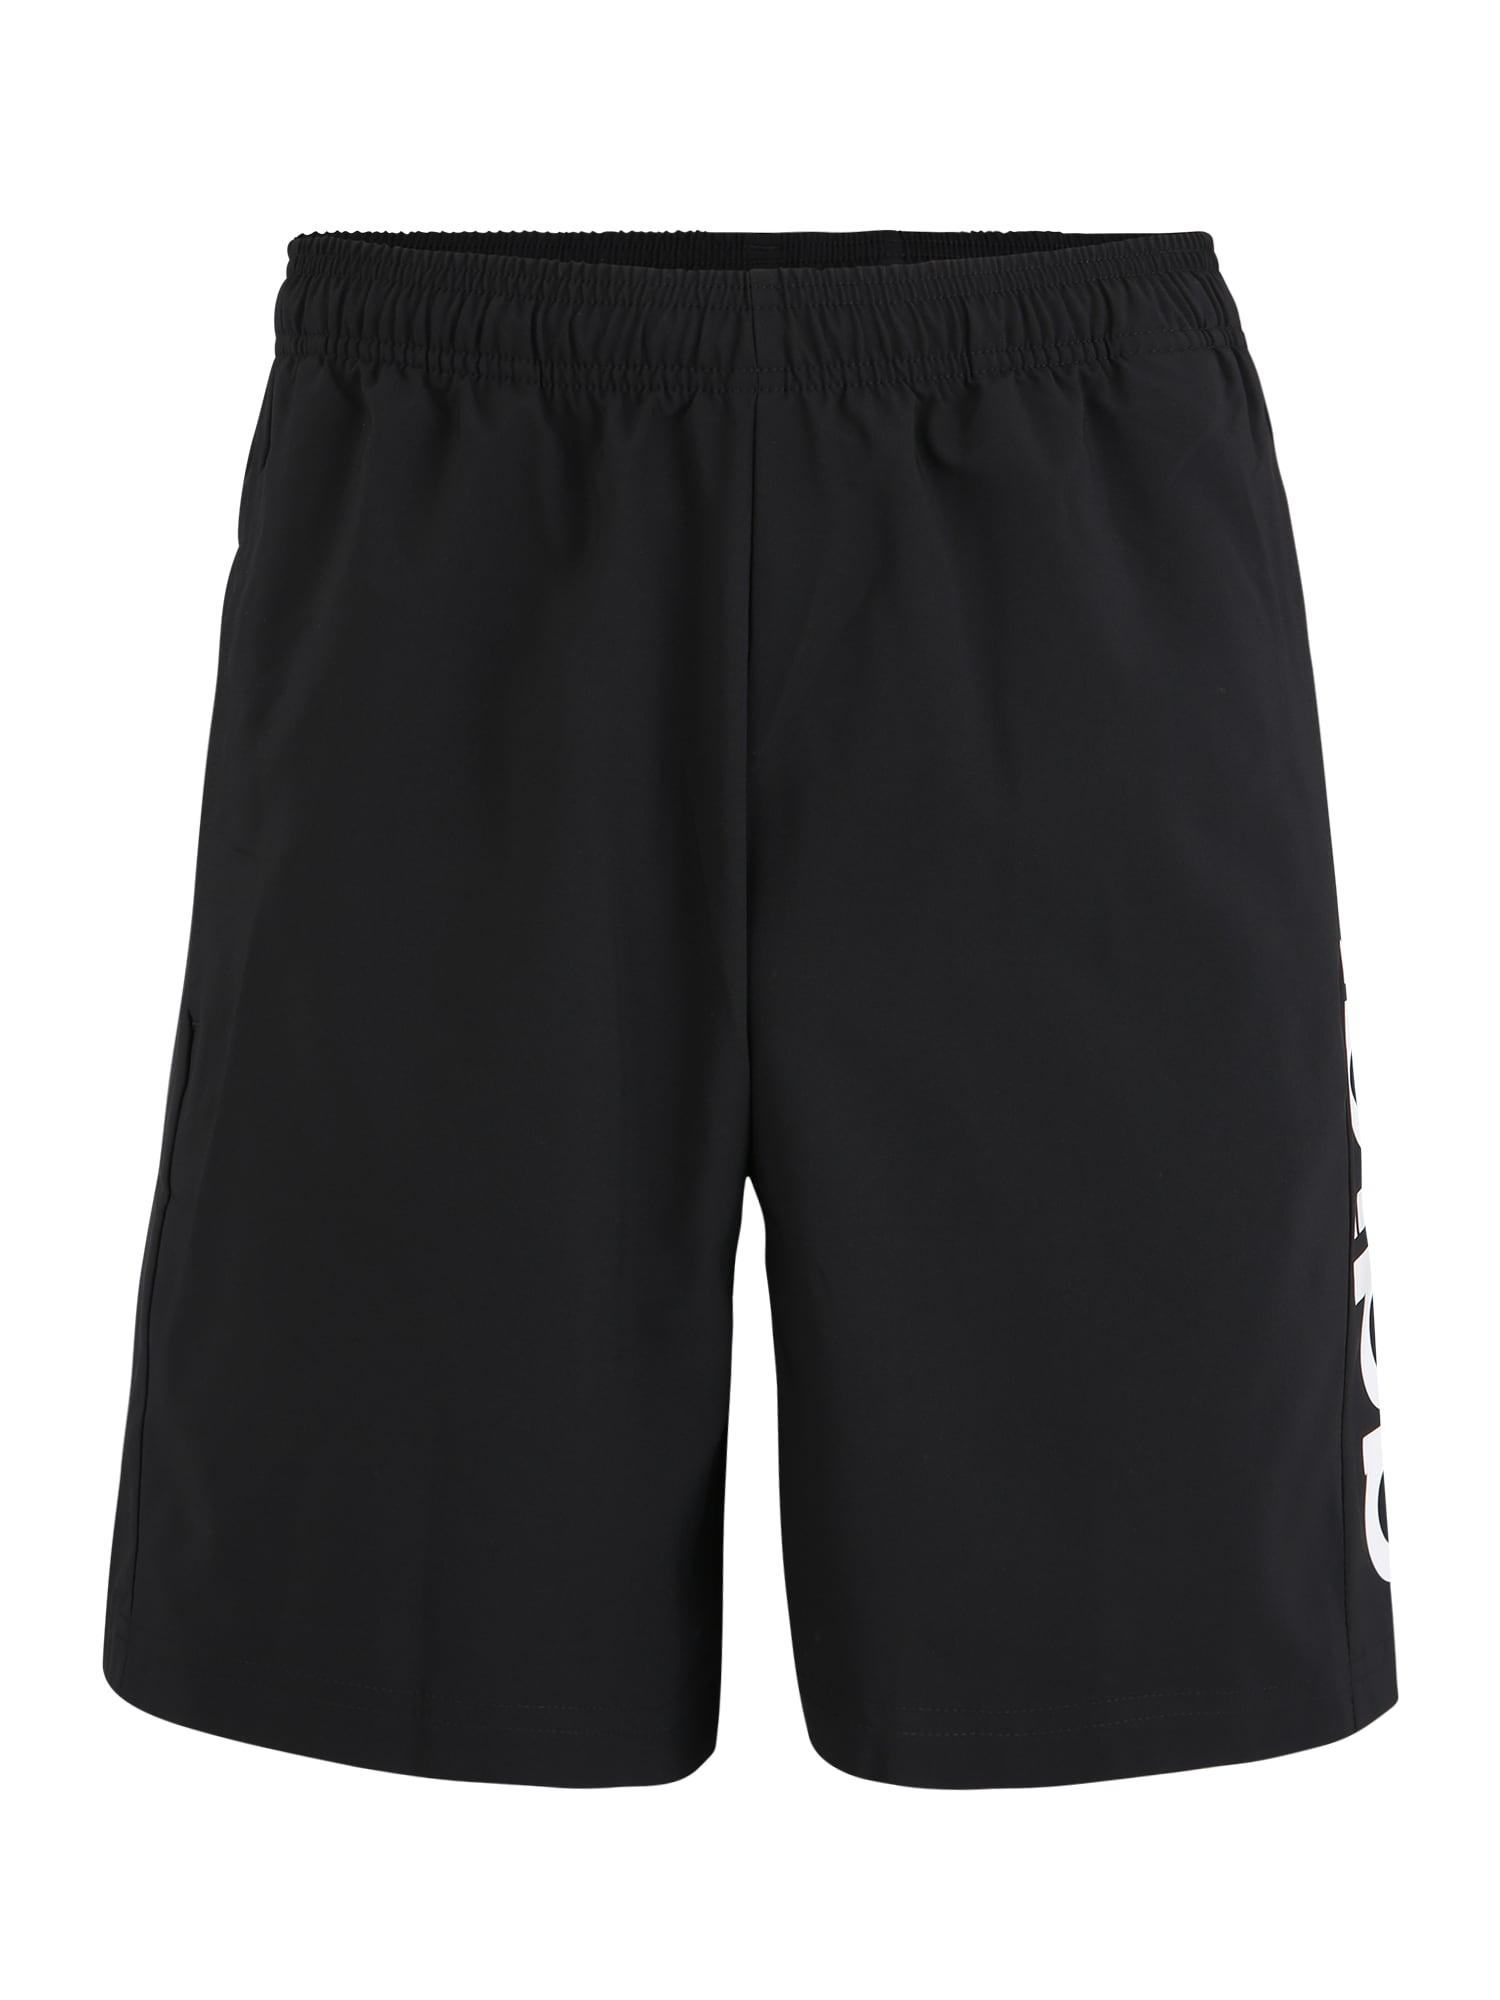 ADIDAS PERFORMANCE Sportinės kelnės 'E LIN CHELSEA' juoda